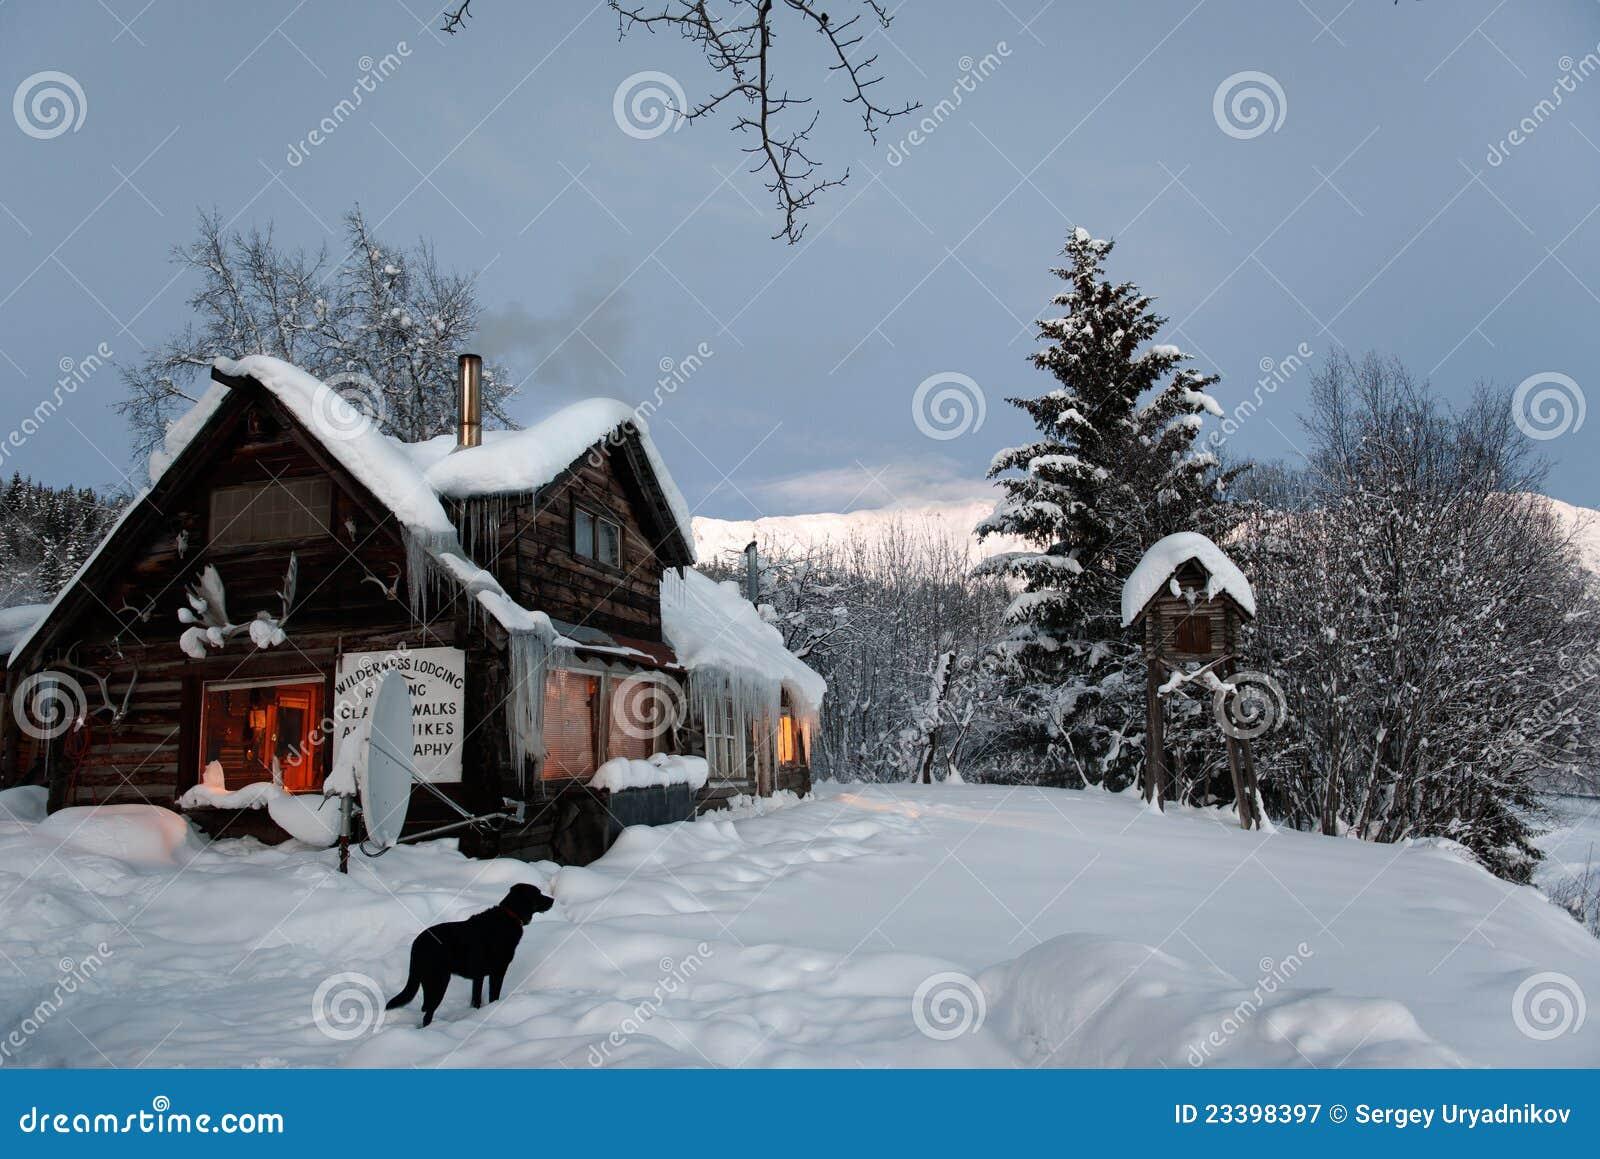 Black Dog Real Estate